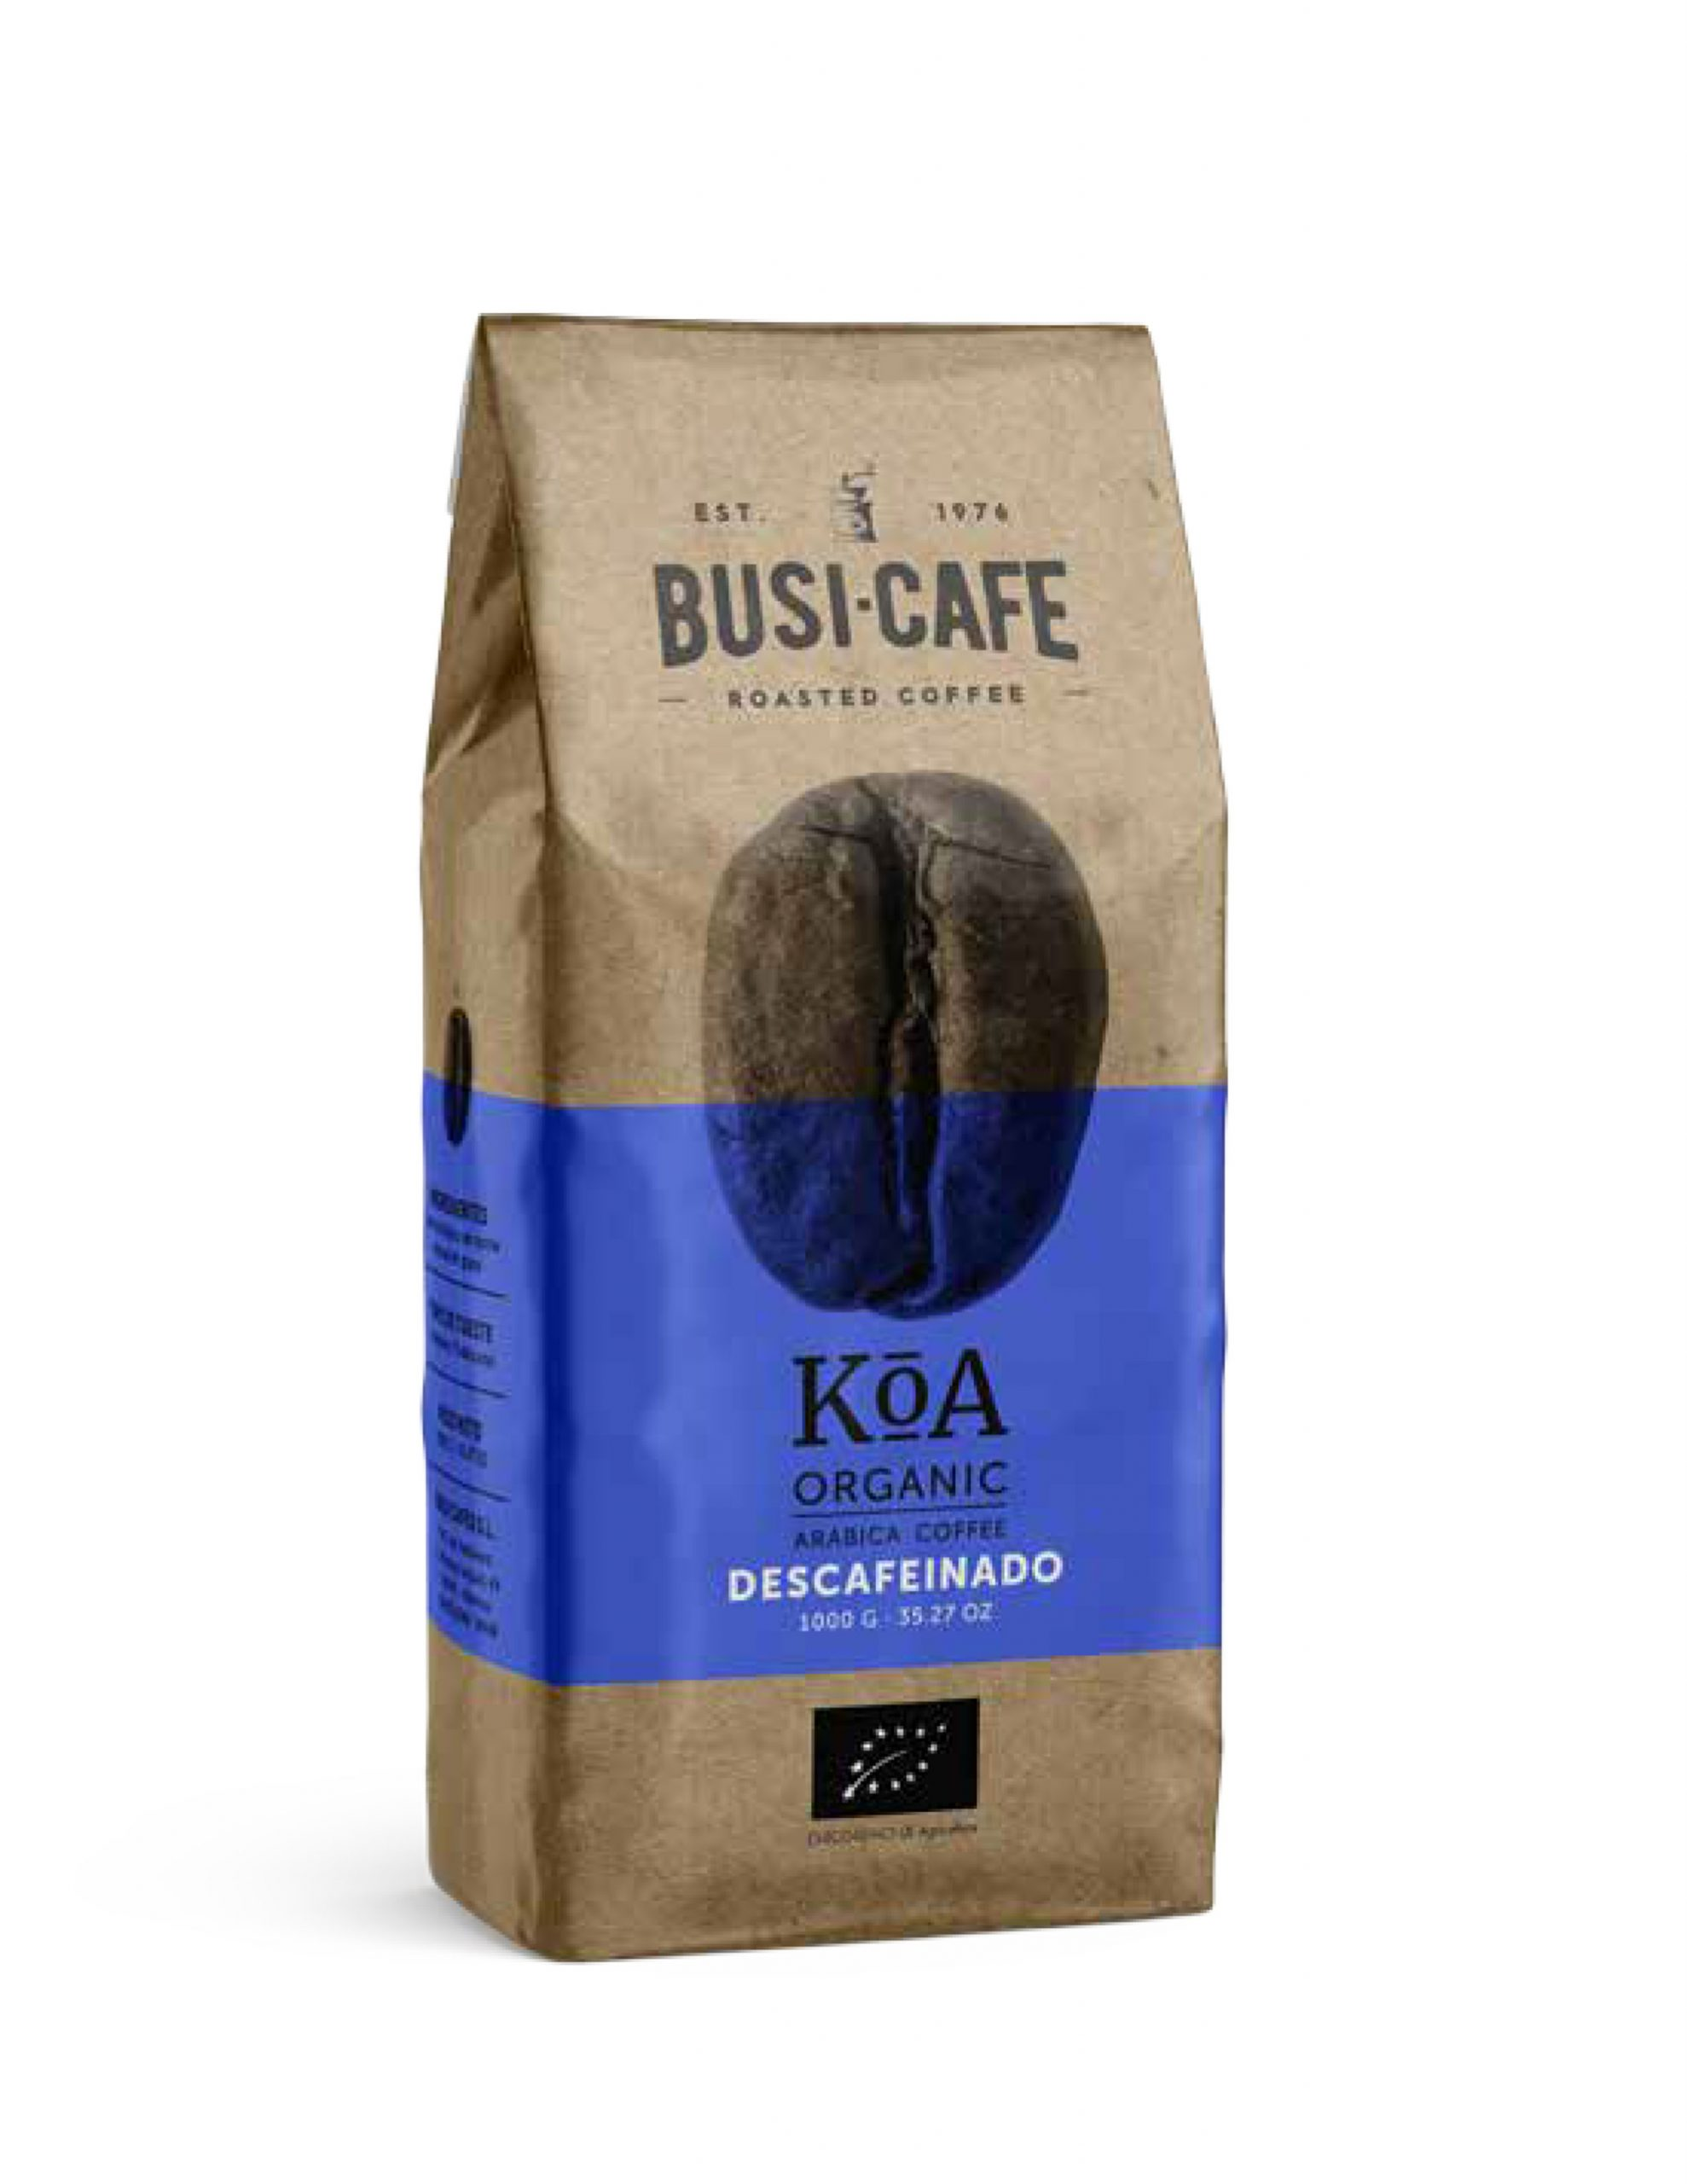 cafe_KOA-ecologico-descafeinado-busi